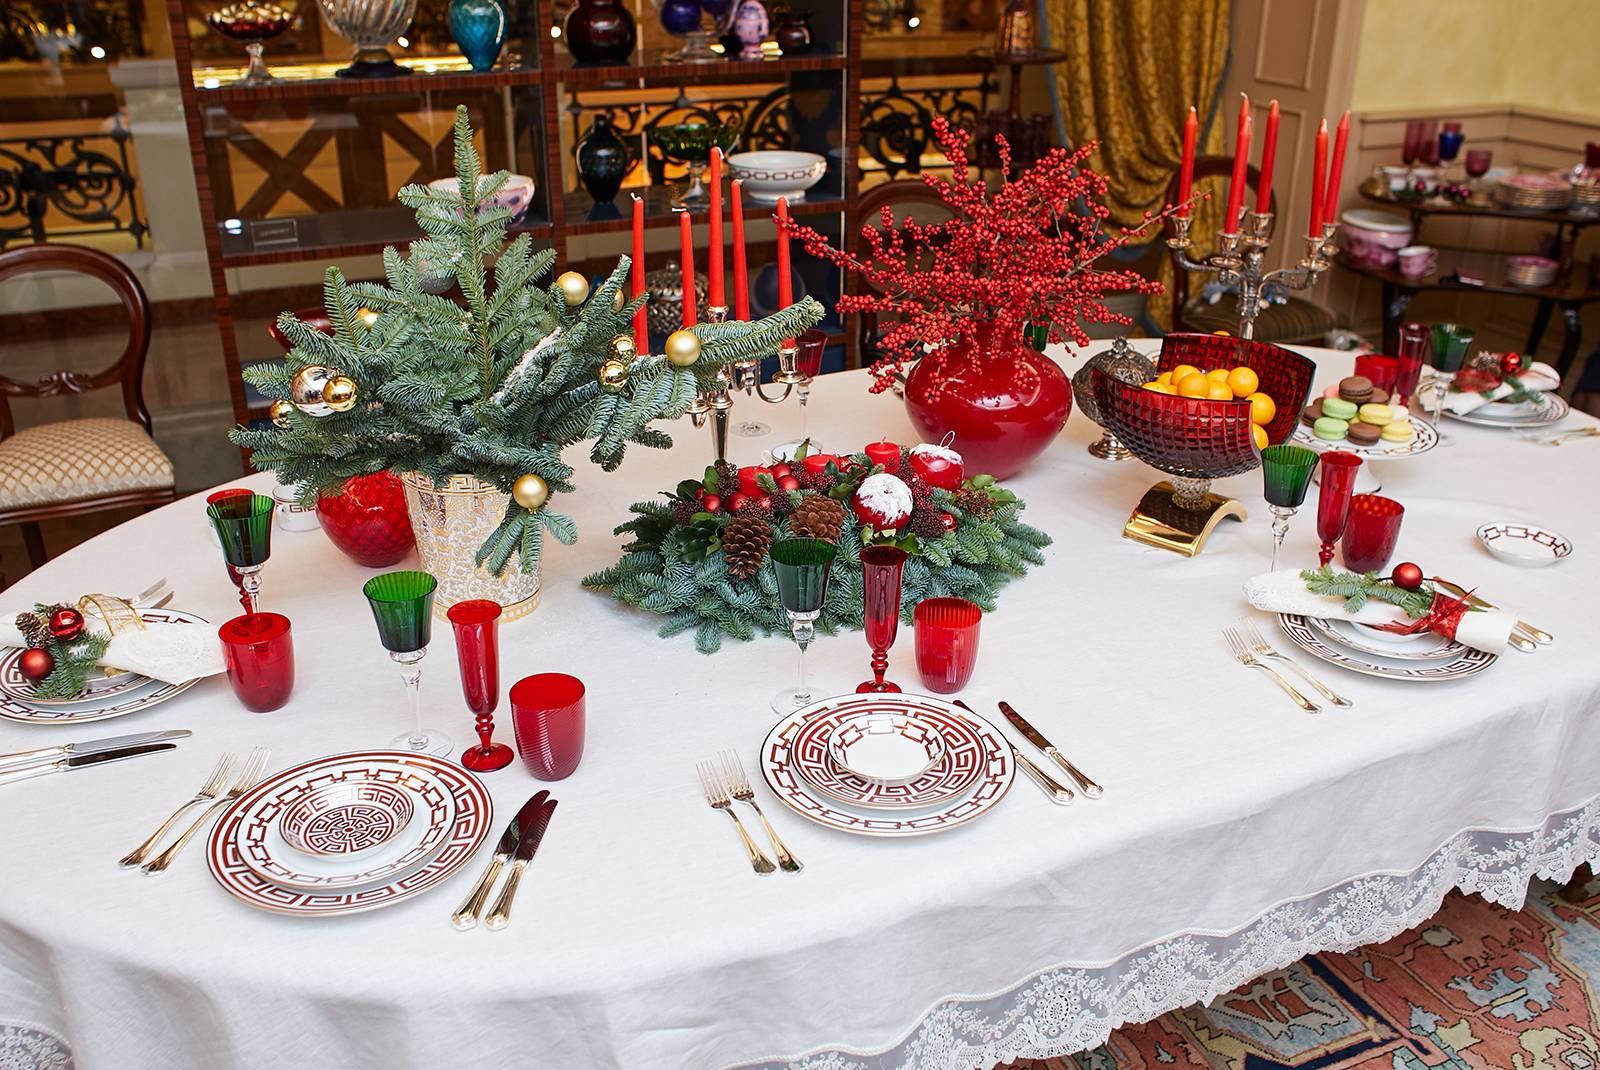 Сервировка стола в домашних условиях своими руками: праздничного на день рождения, будничного к завтраку, обеду и ужину с фото | женский журнал читать онлайн: стильные стрижки, новинки в мире моды, советы по уходу